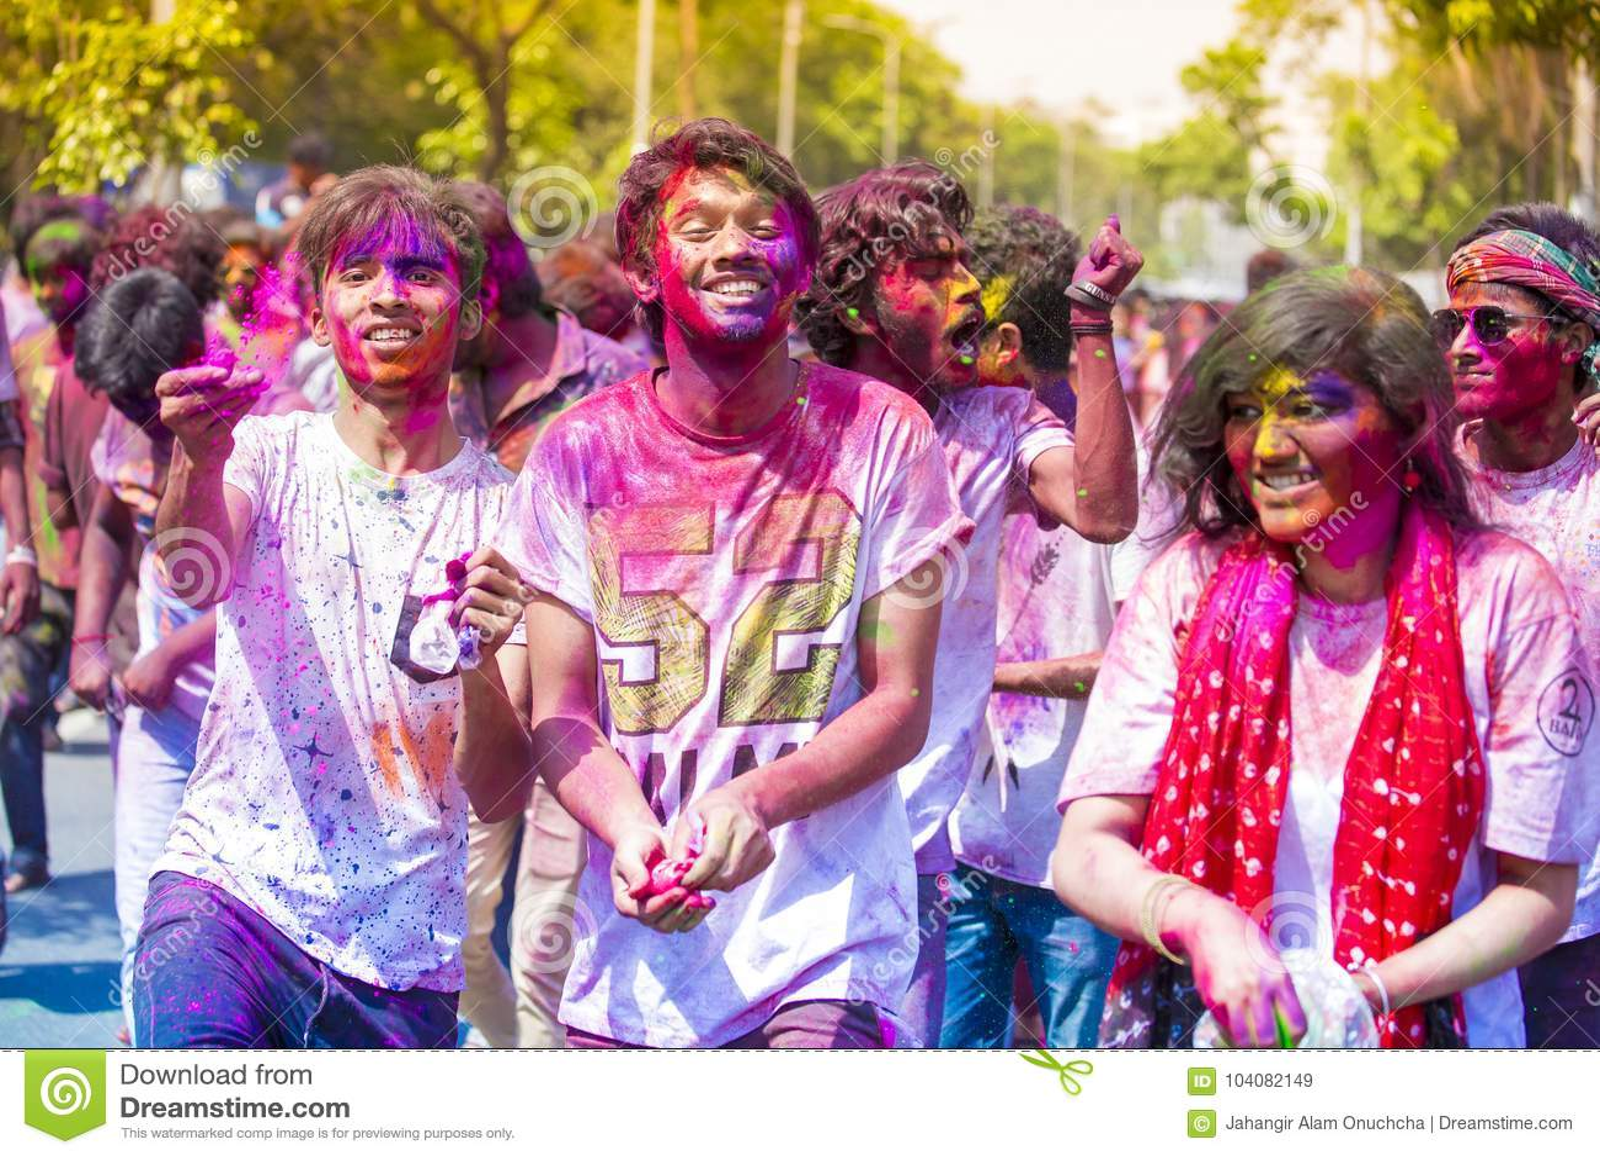 Tieners en kinderen die pret met gekleurd water en holipoeder hebben tijdens het Hindoese festival van kleuren, Dhaka, Bangladesh